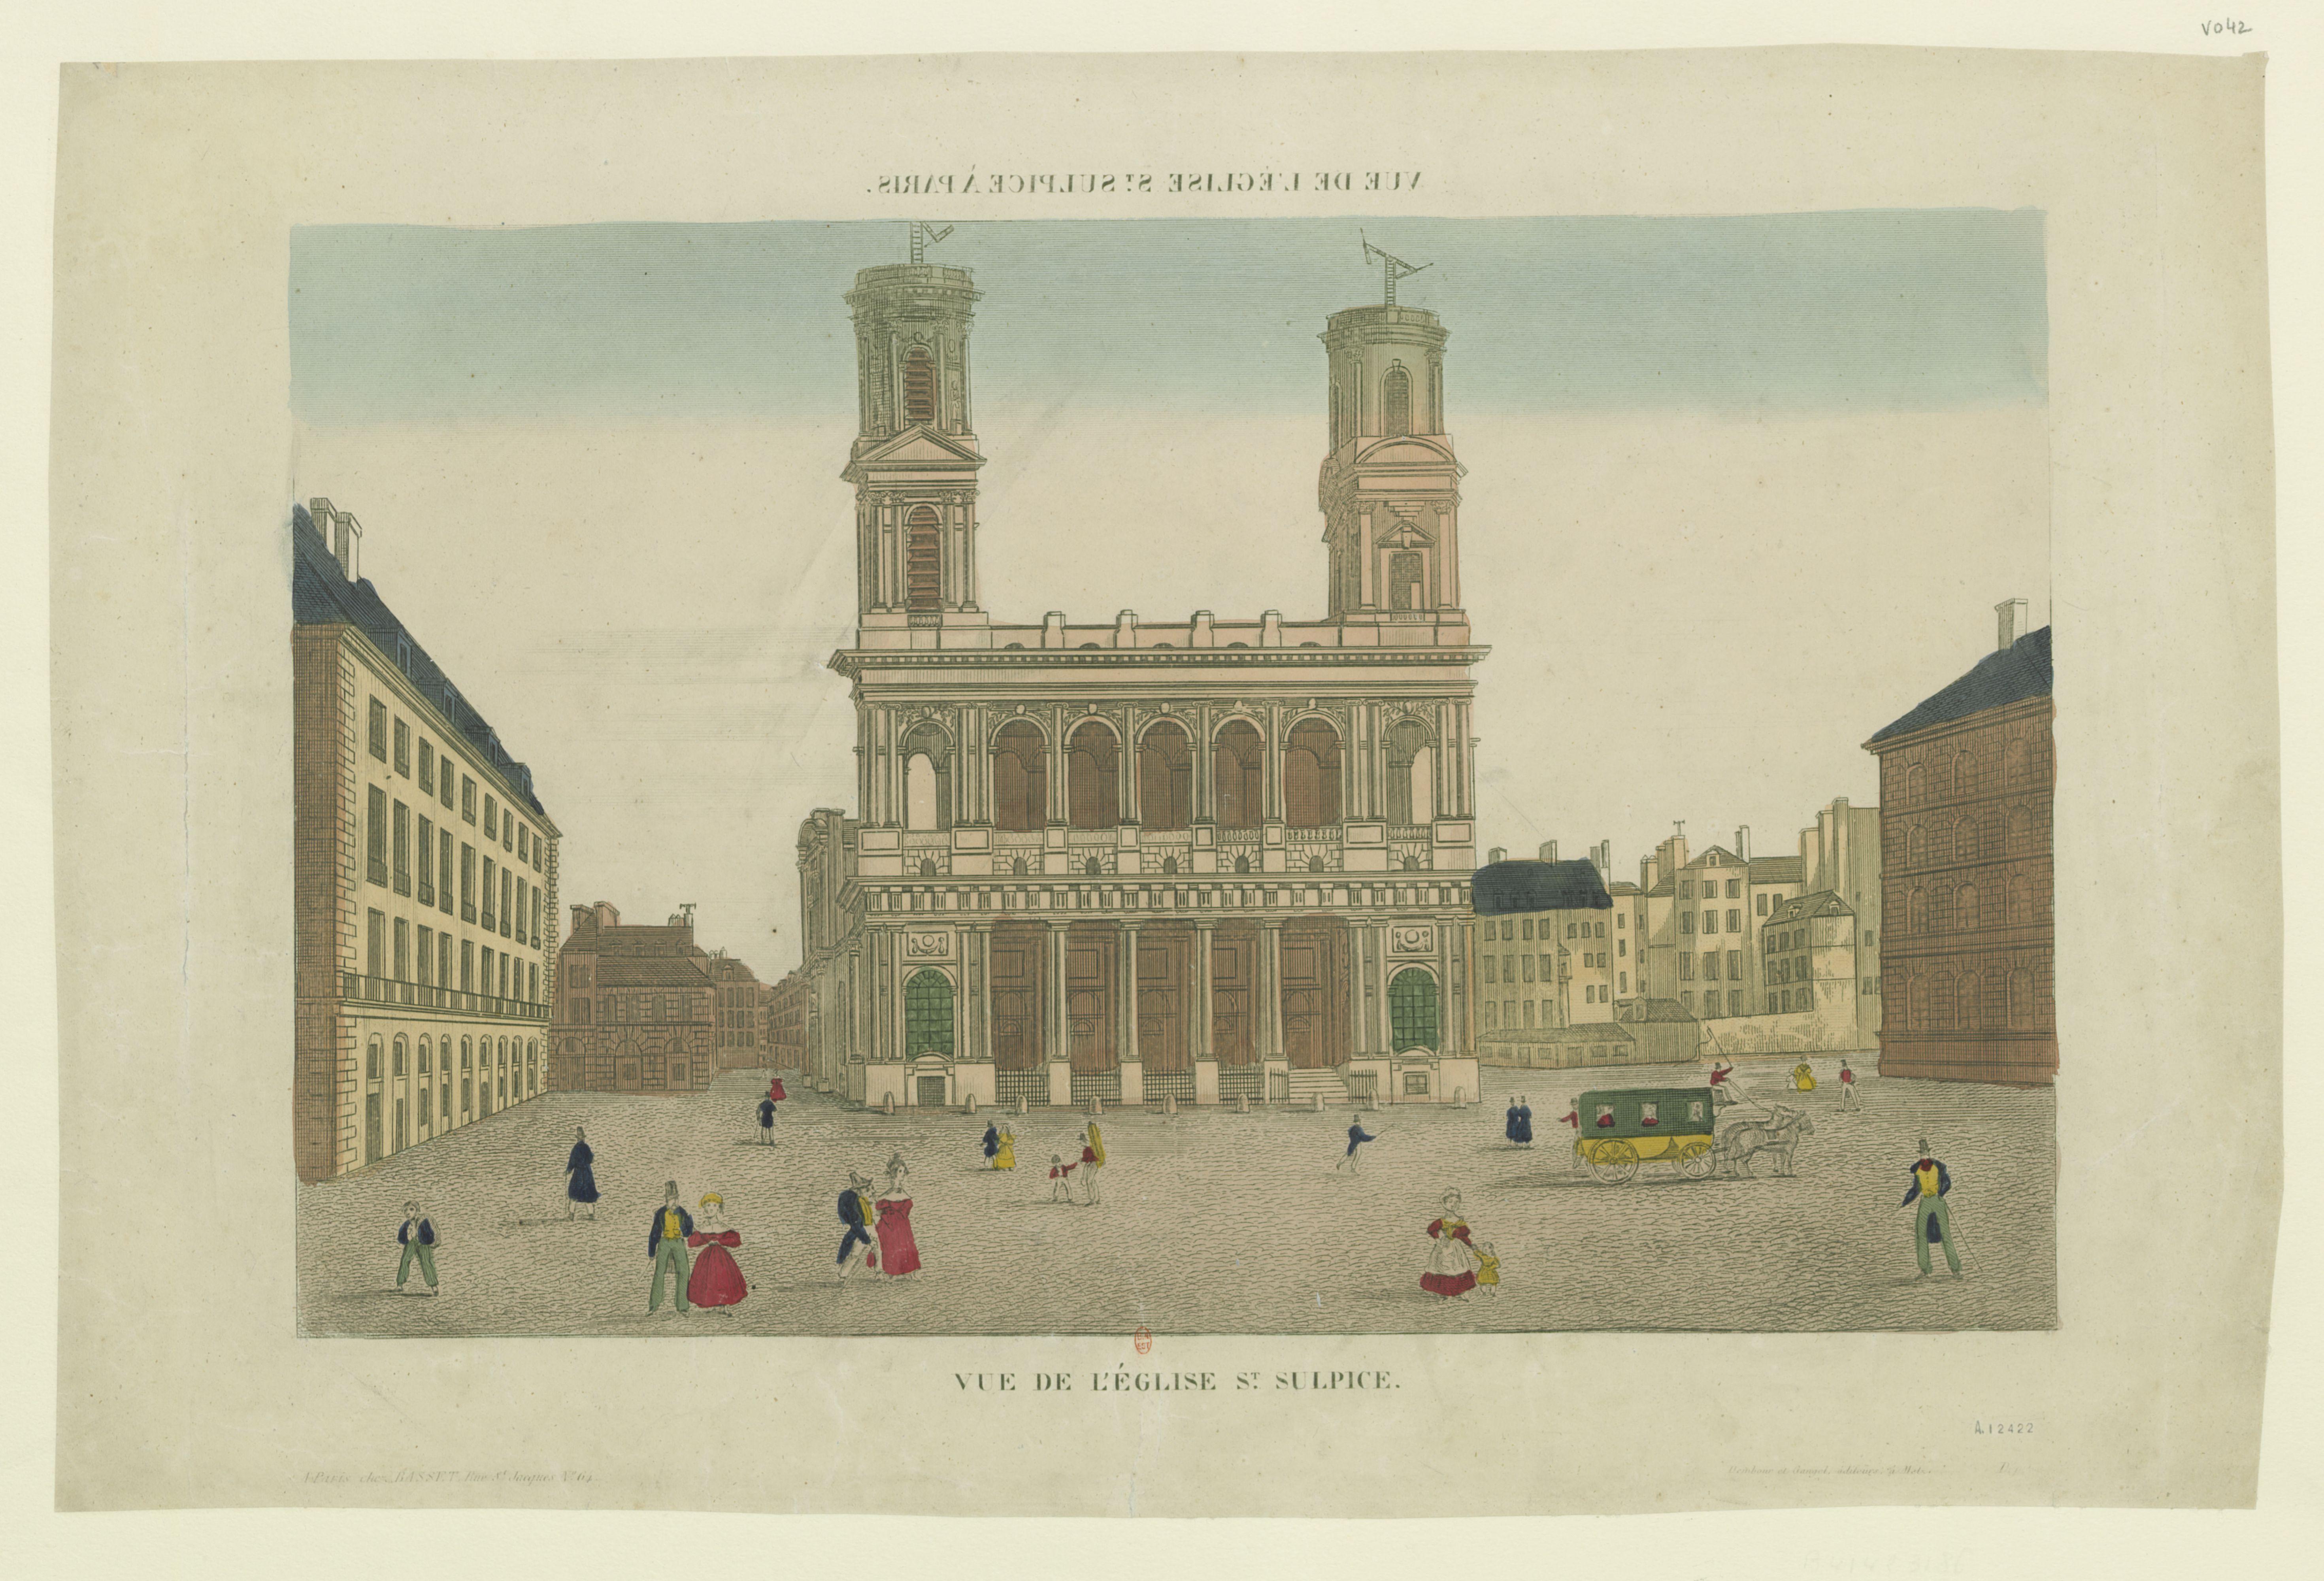 Fig. 2. Vue de l'église St Sulpice, 1840, coloured etching, 31 x 46cm. Bibliothèque nationale de France, Paris.